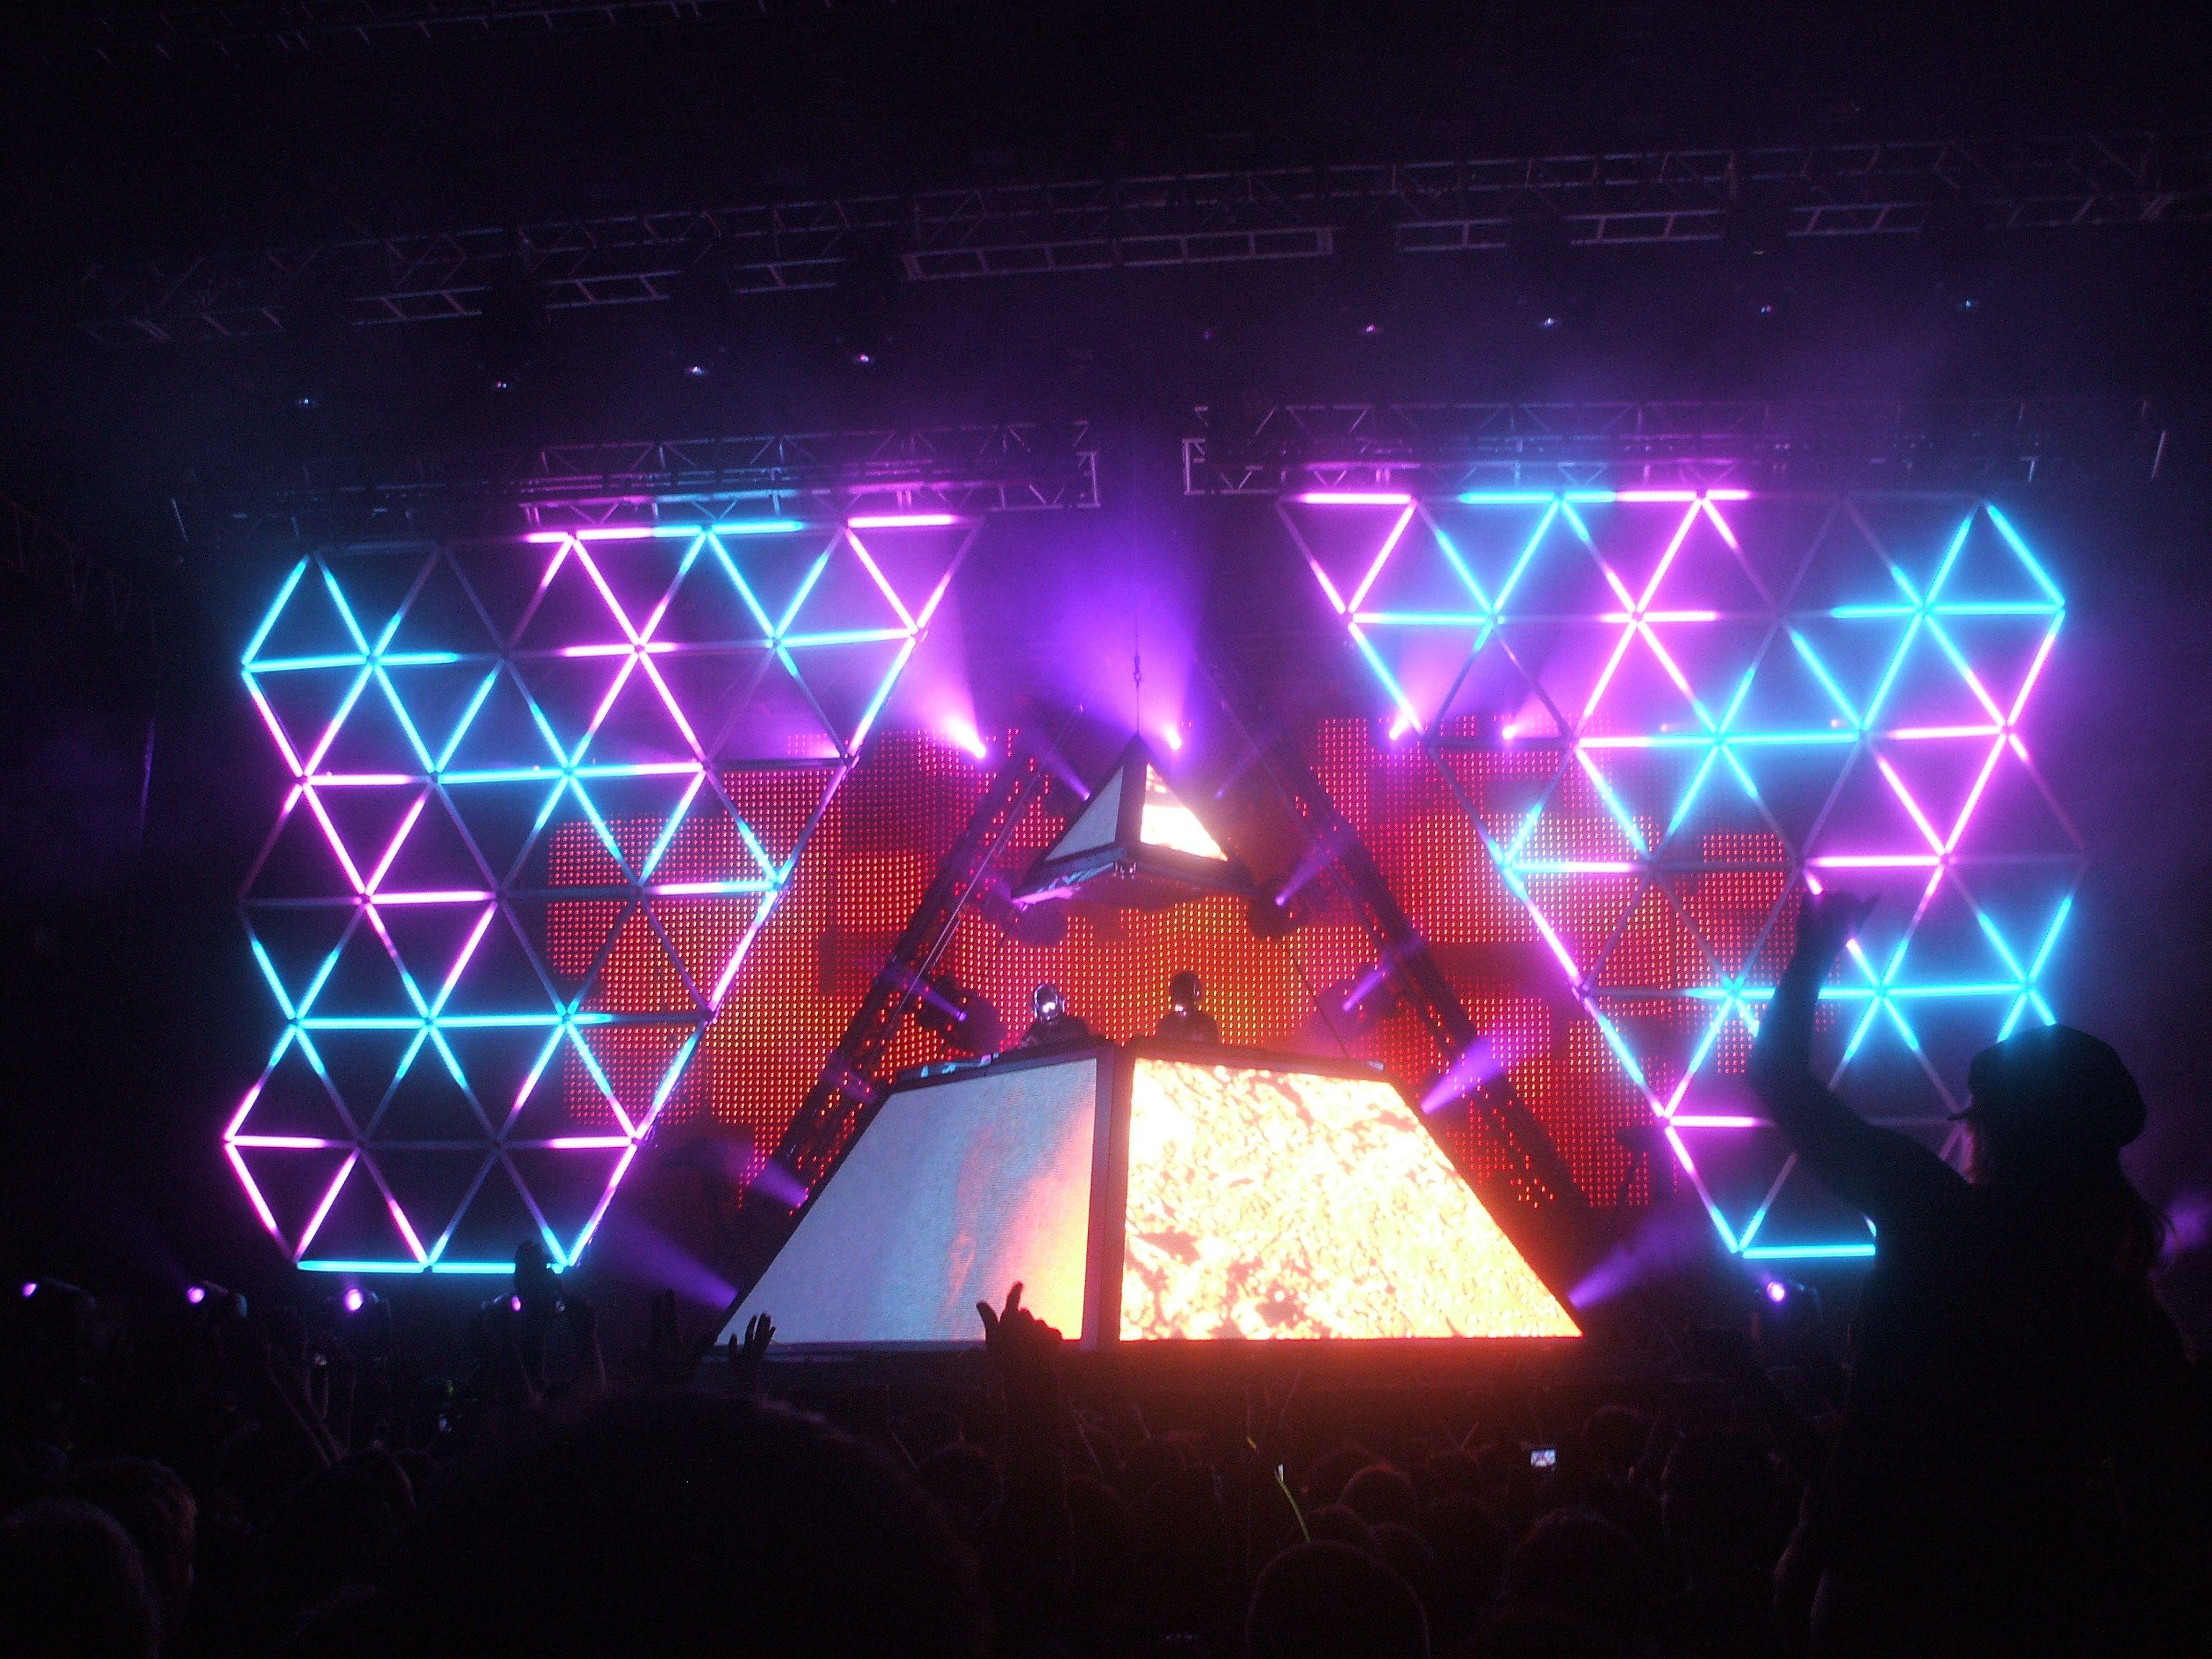 Daft Punk Live 2007 Concert. Spectacular Lighting ...